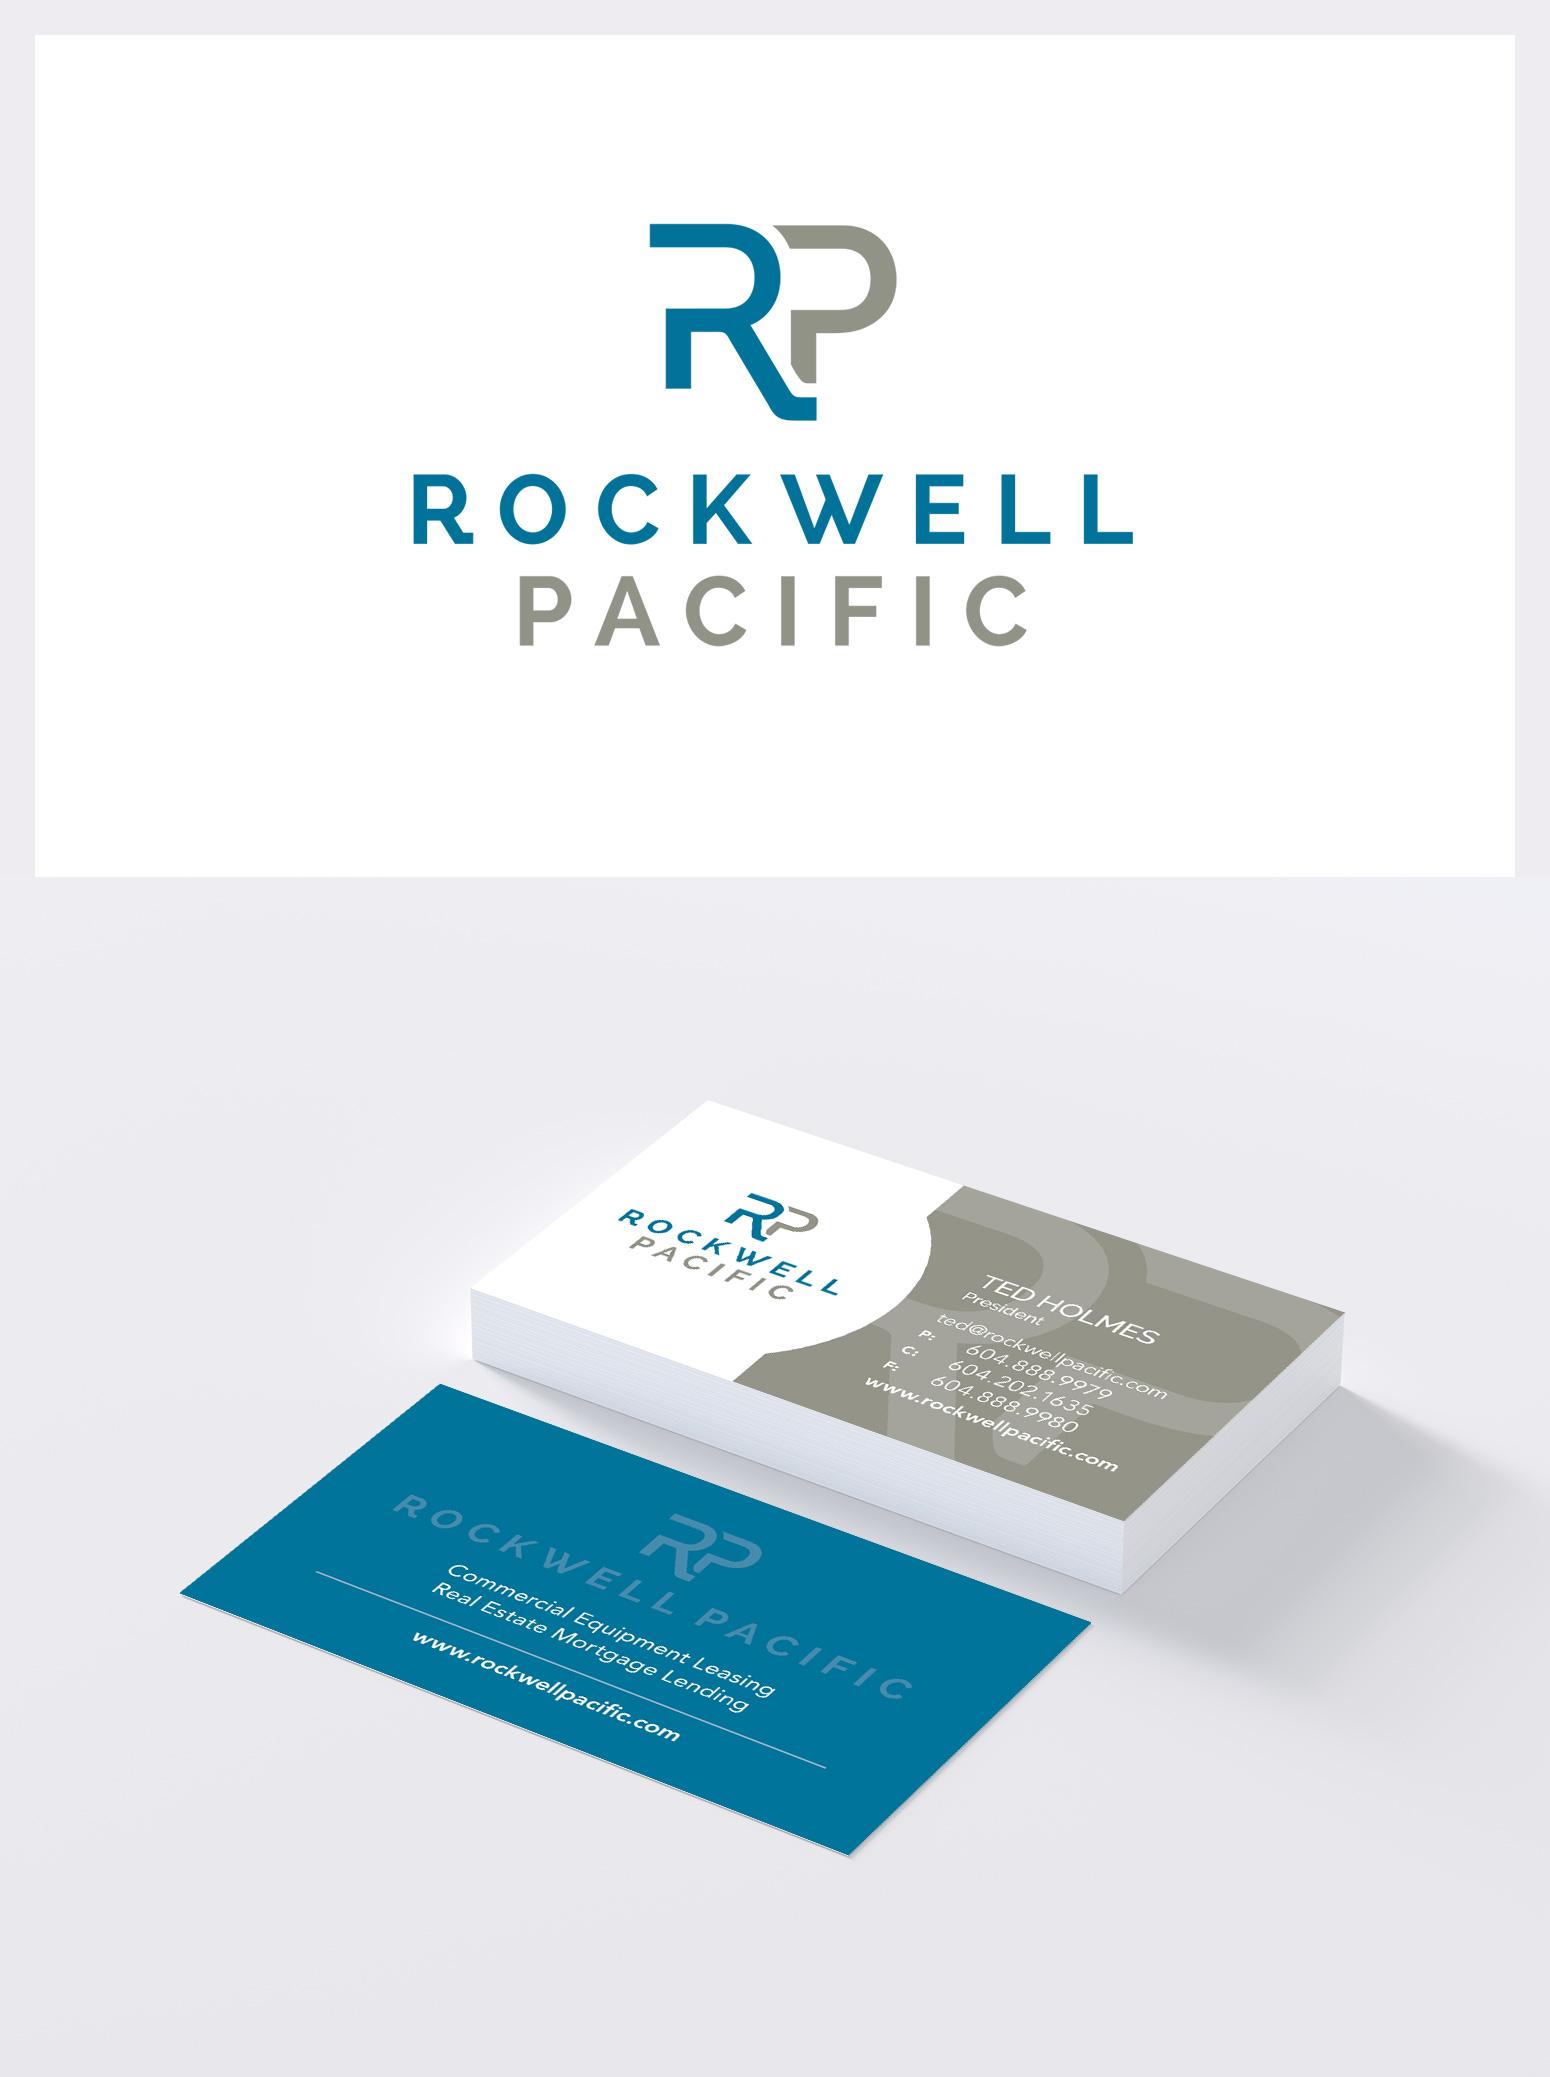 Rockwell_Logo+Bcards.jpg